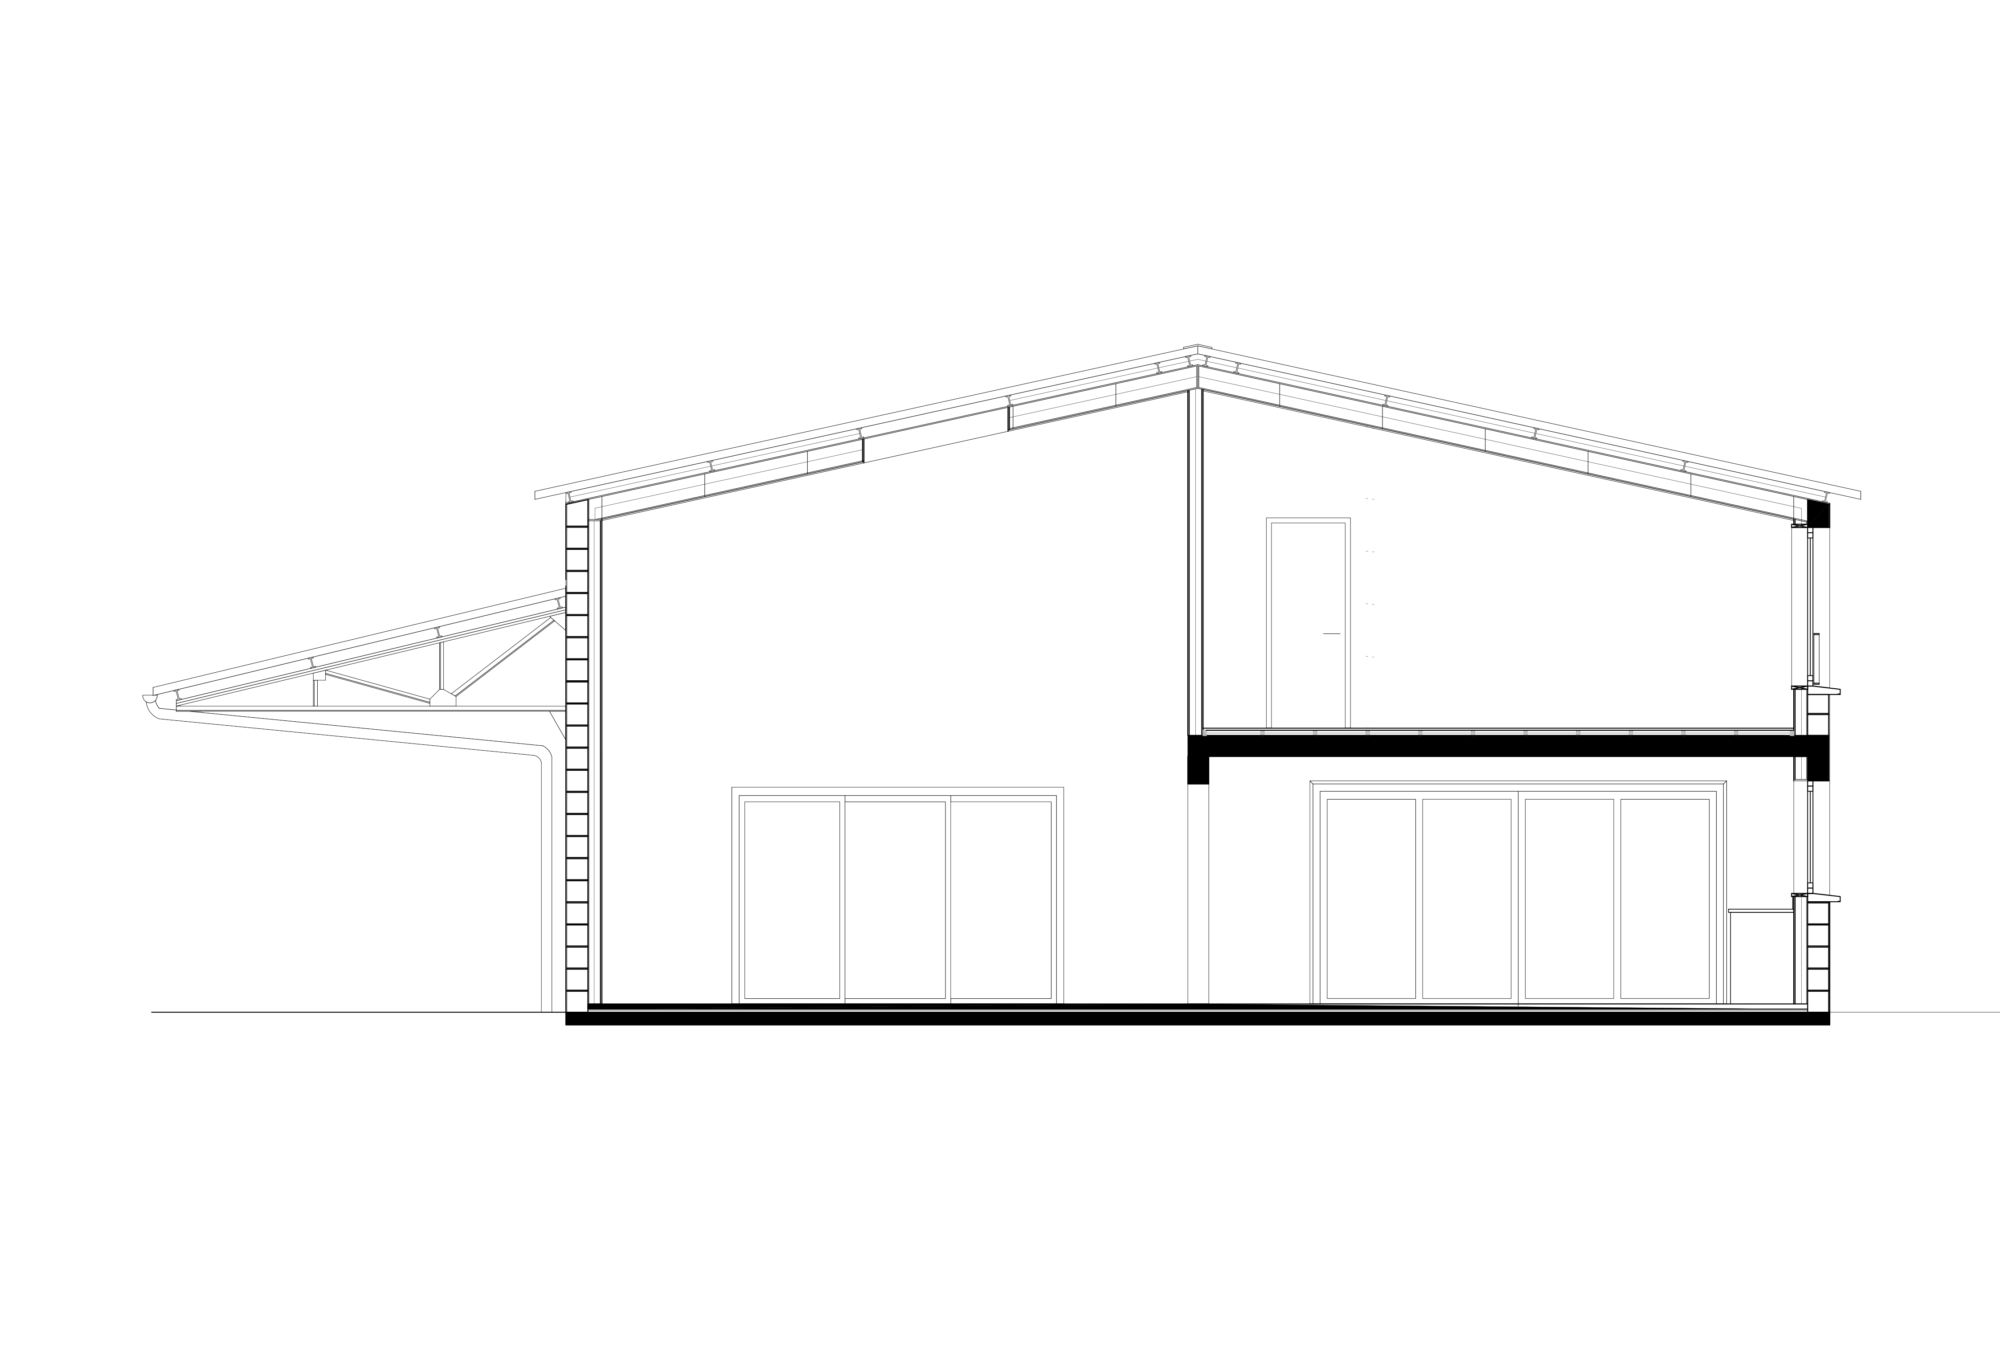 Réalisation - Architecture, Restructuration, aménagement, architecture intérieure, 10h10, décoration, ferme, champs, renovation, restructuration, perspective 3D, graphisme, image, plan